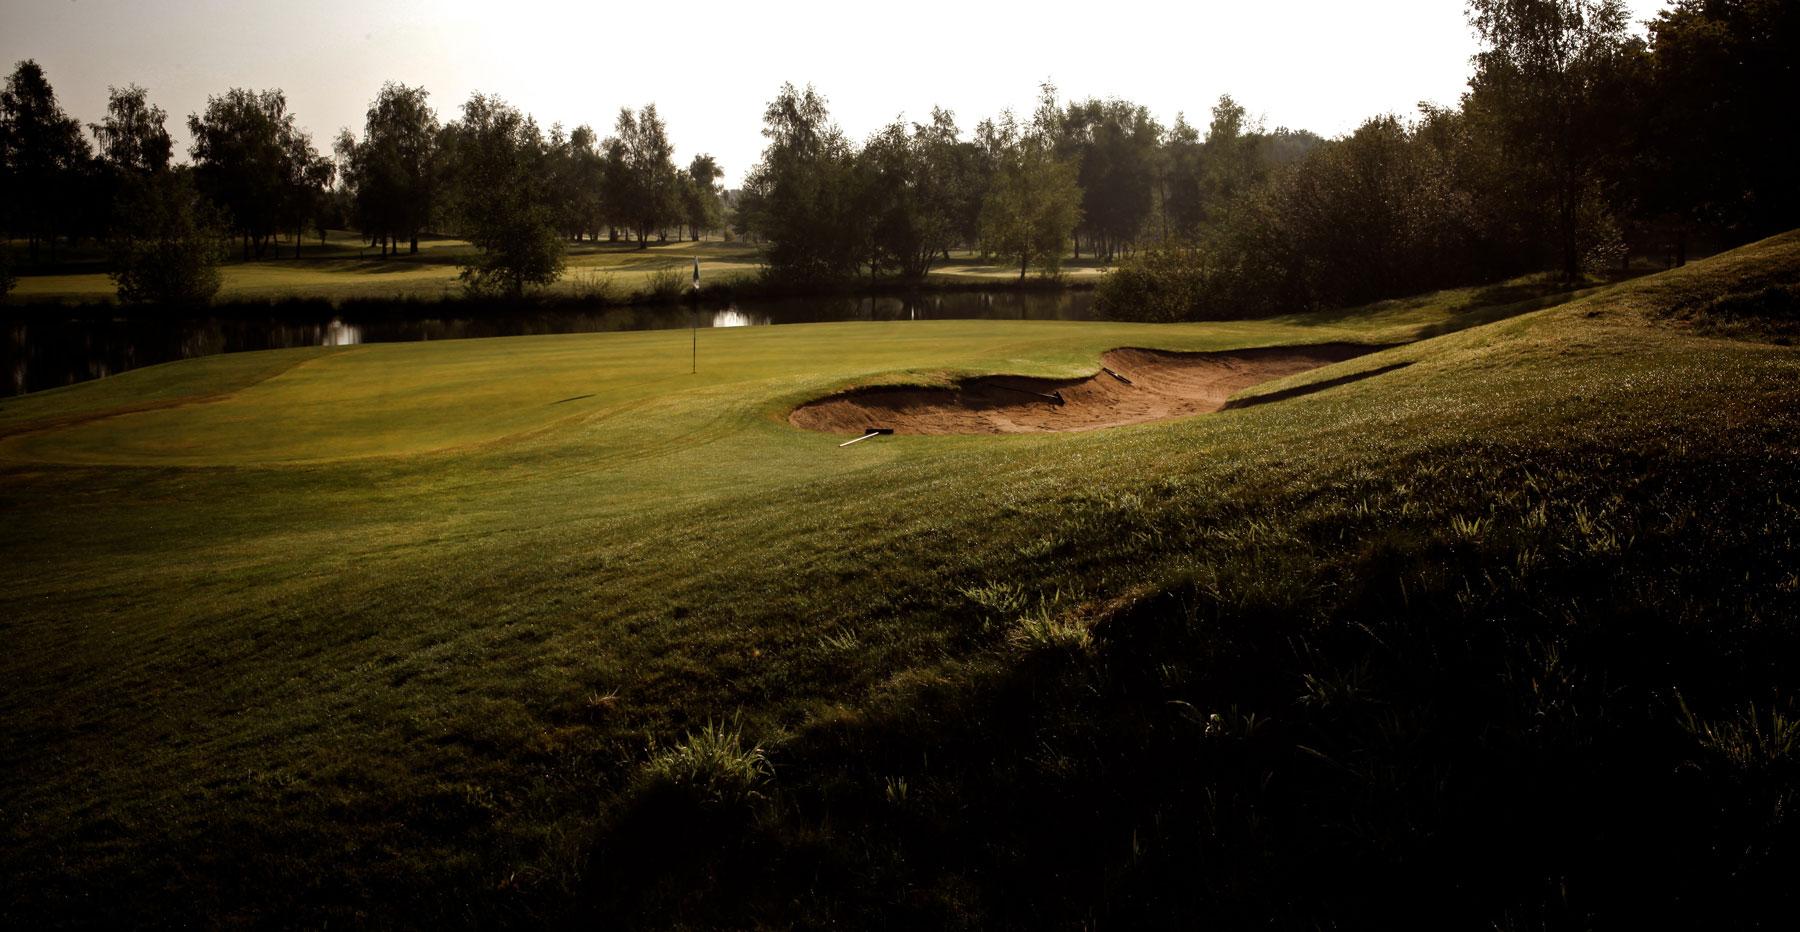 golf-de-limere-ardon-porte-de-sologne-ludovic-letot6